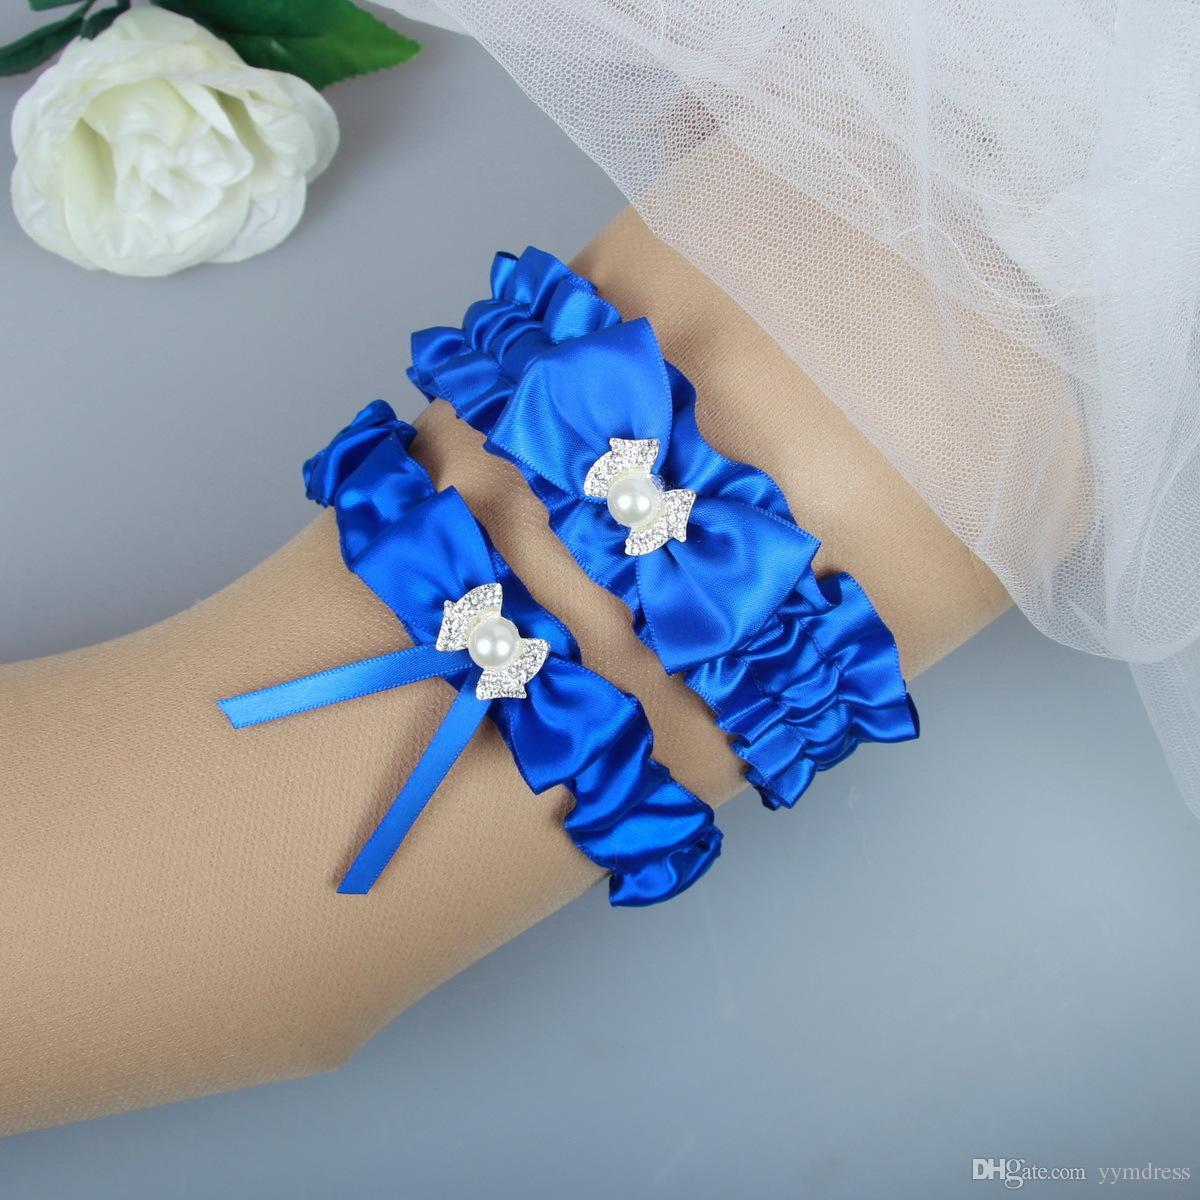 12f3b9836 Cintos De Noiva Ligas De Casamento Para A Noiva Azul Vermelho Perna De  Noiva Ligas Cinto Conjunto Strass Cristais Fita De Cetim Tamanho Livre De  15 A 23 ...